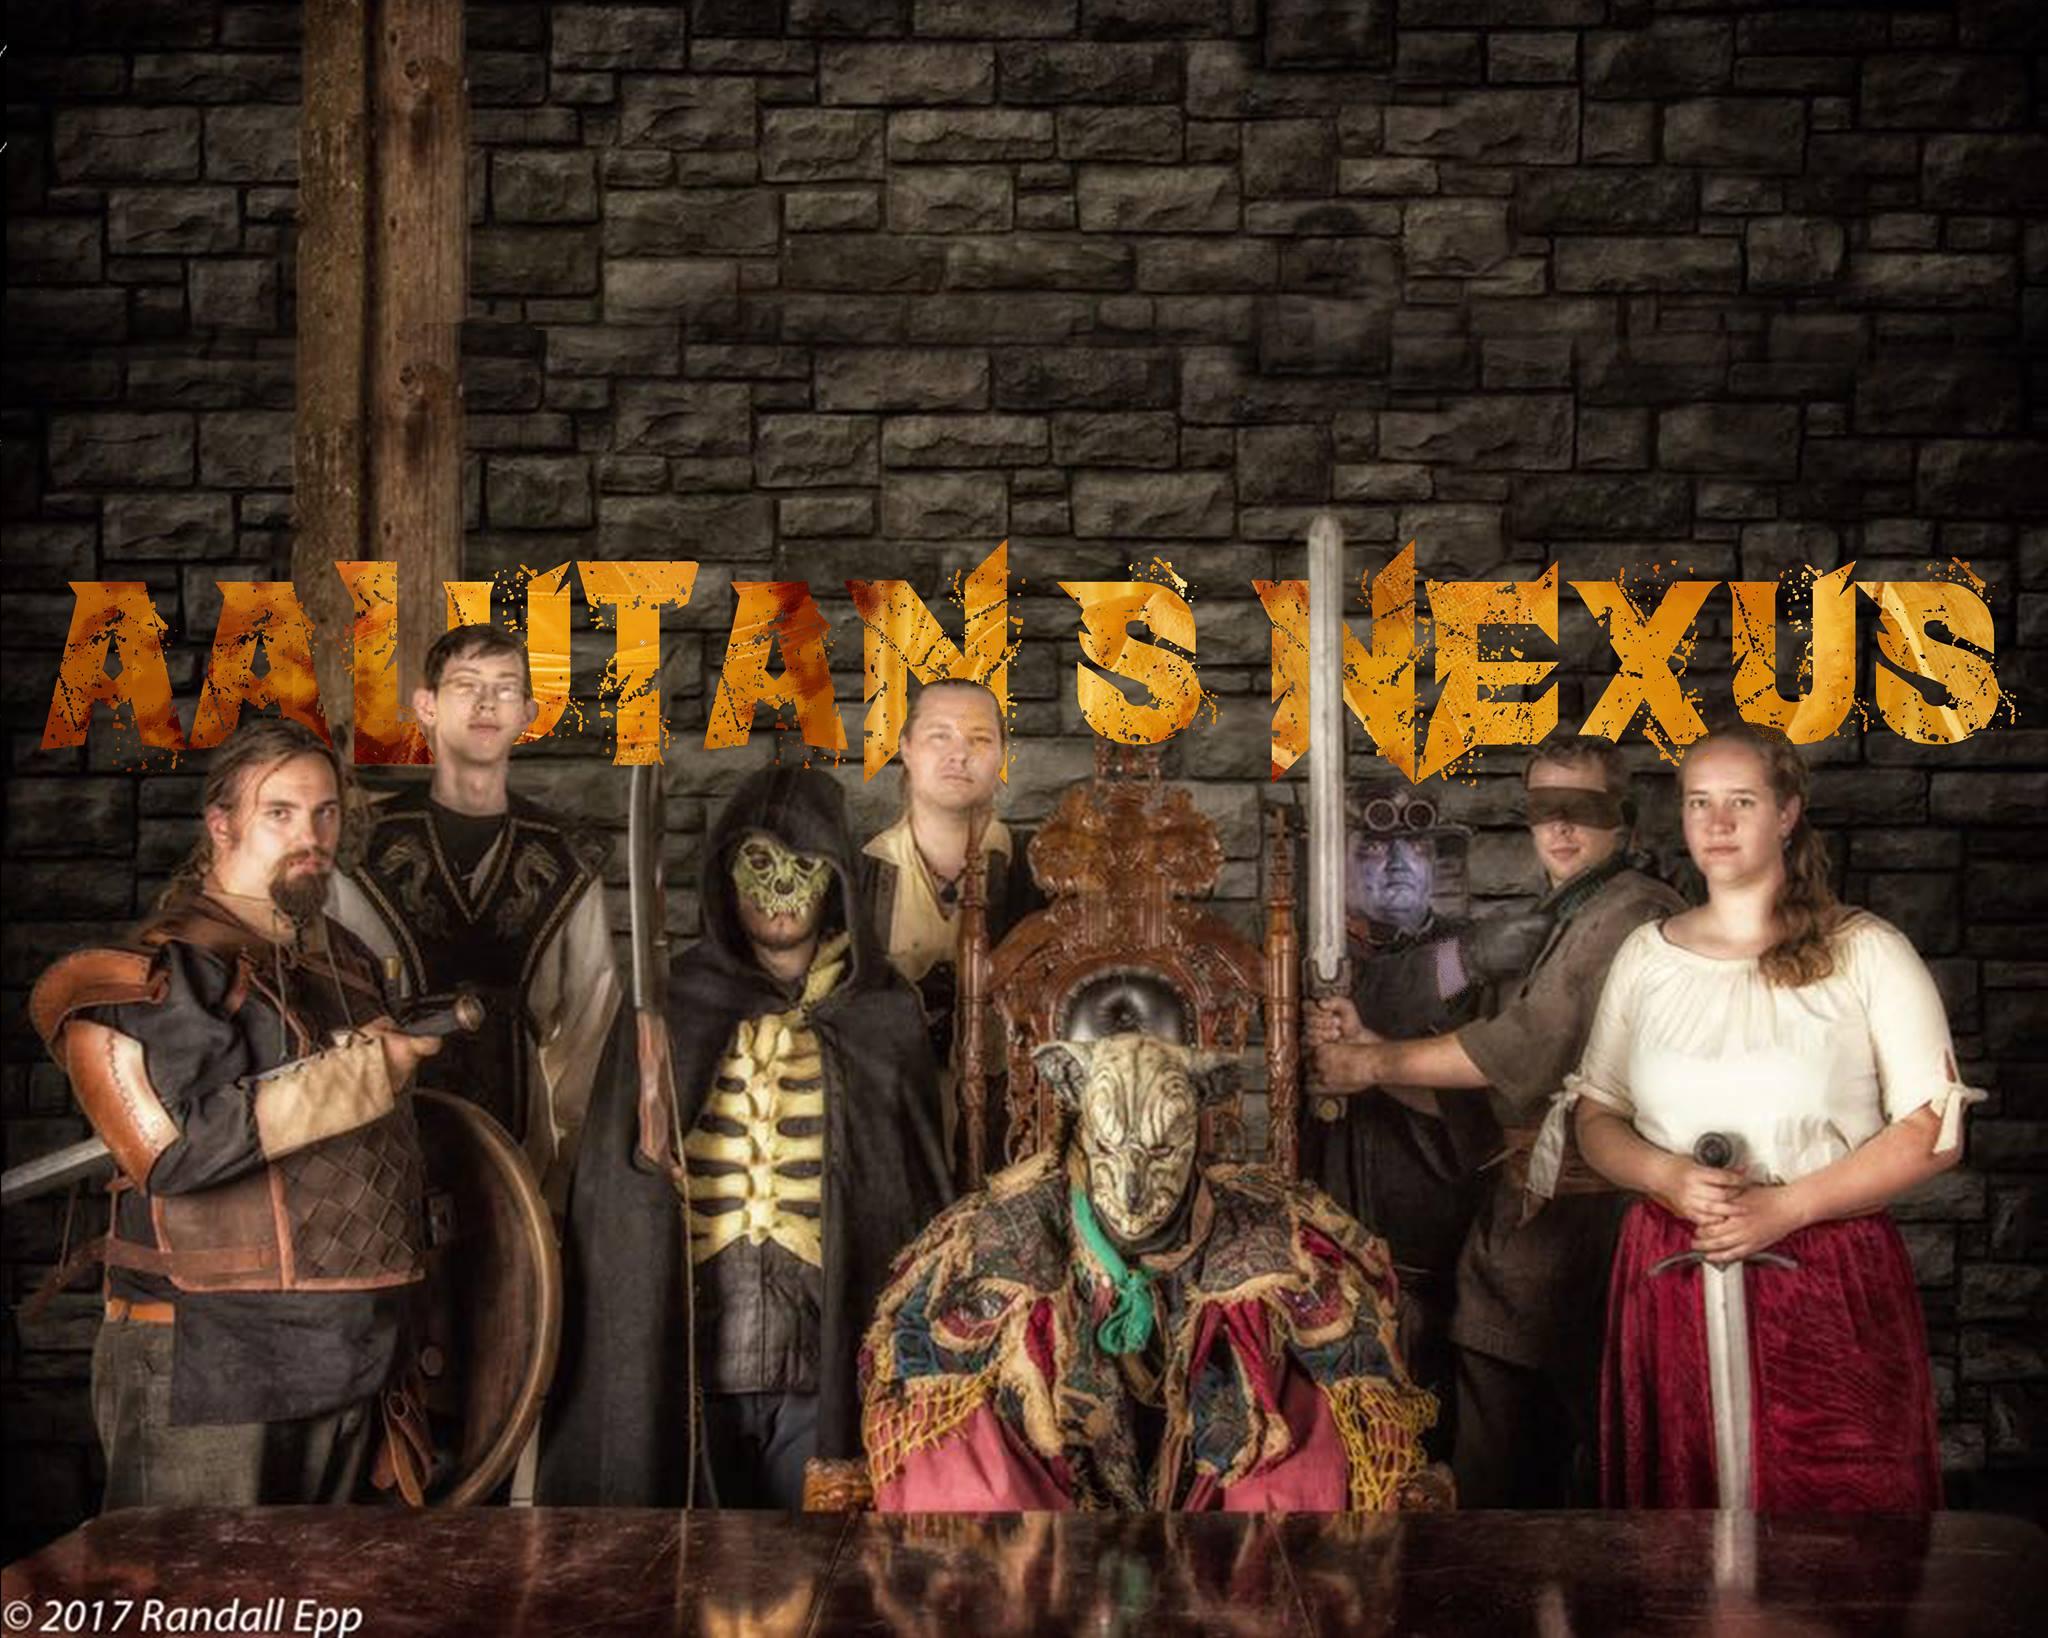 Aalutan's Nexus